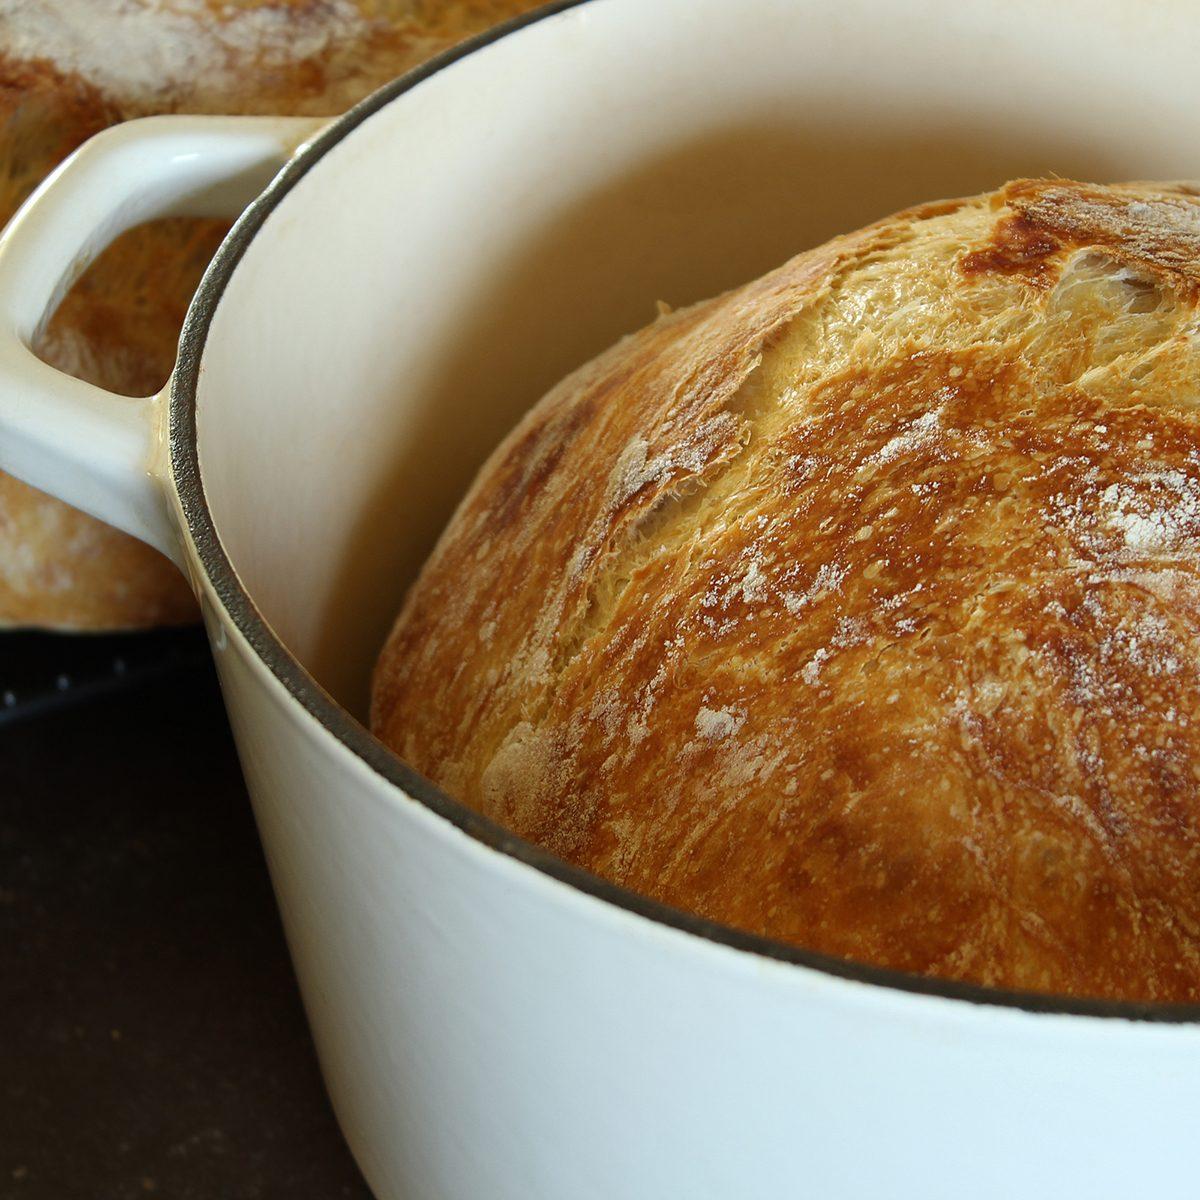 Freshly baked artisan bread in dutch oven.